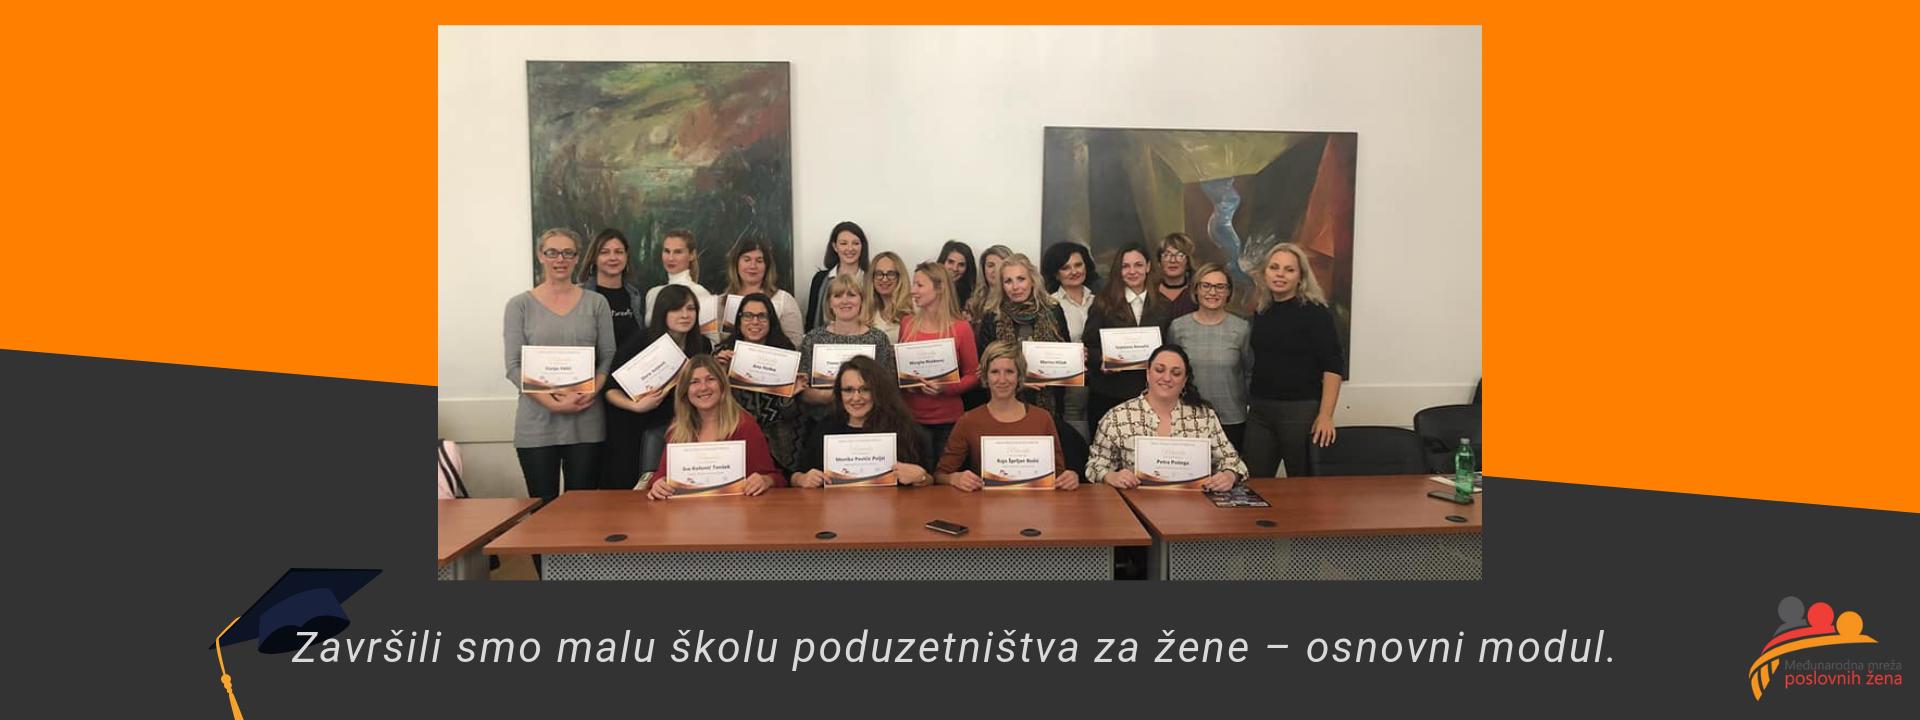 Završen osnovni modul - Mala škola poduzetništva za žene